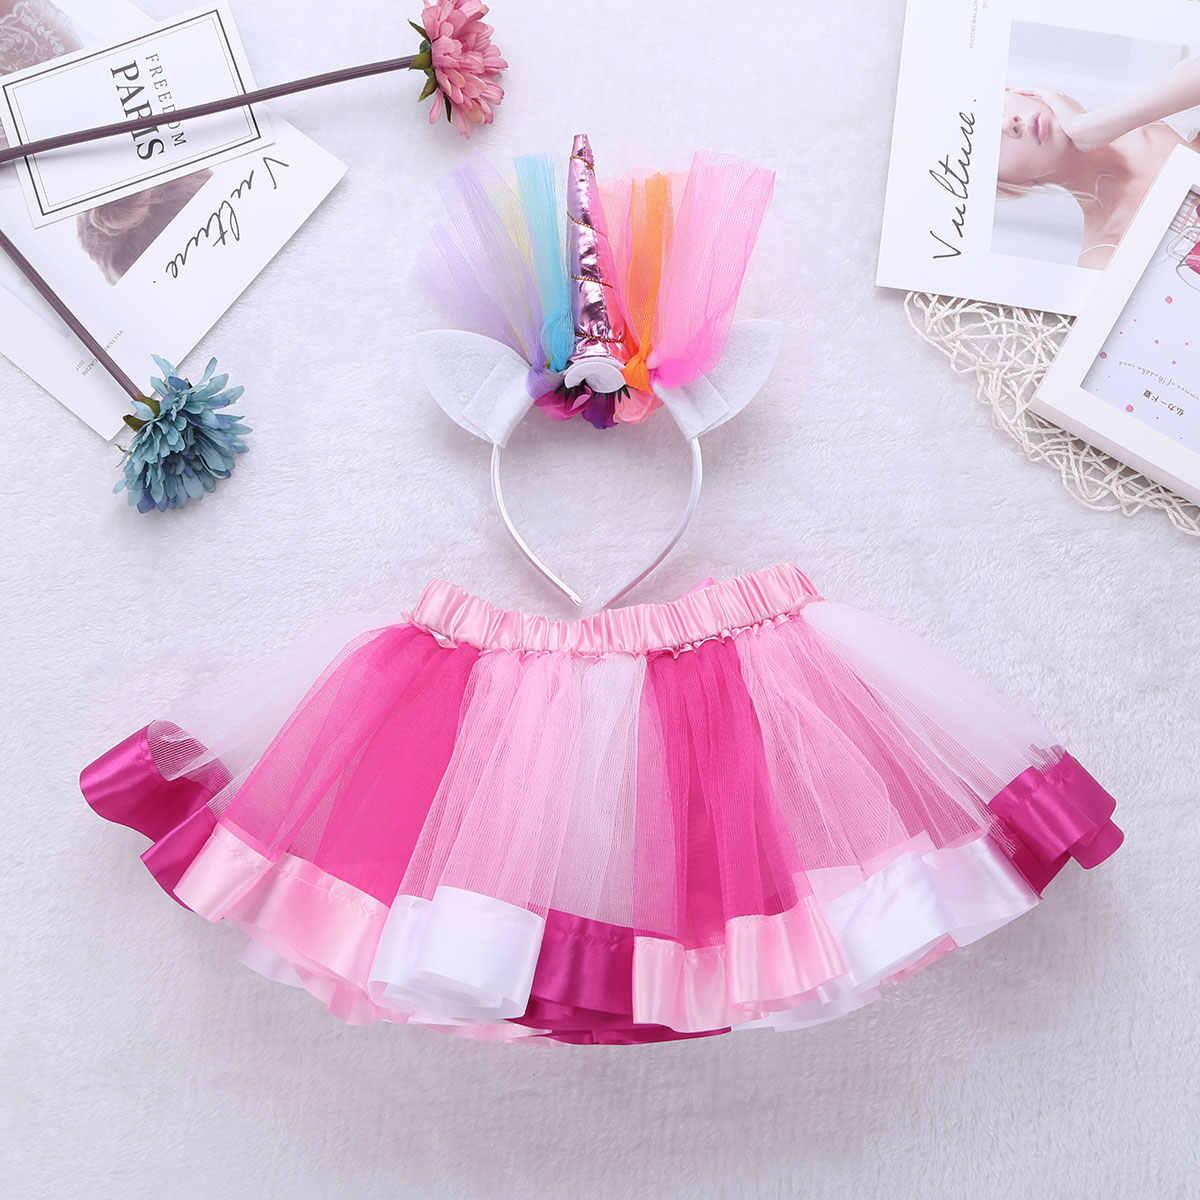 Falda tutú de baile arcoíris para niños y niñas con conjunto de aro de pelo de dibujos animados para niñas, vestido de Ballet de bebé con volantes para niños